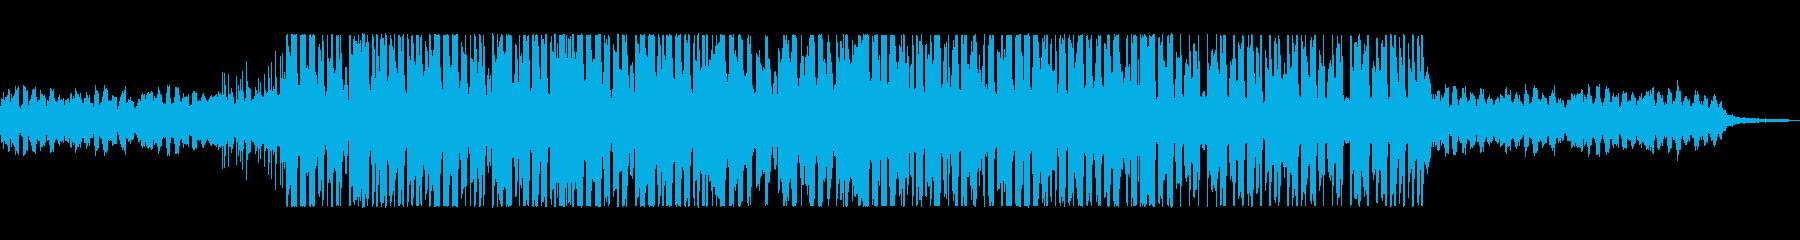 明るさの中に気だるさ漂うテクノポップの再生済みの波形